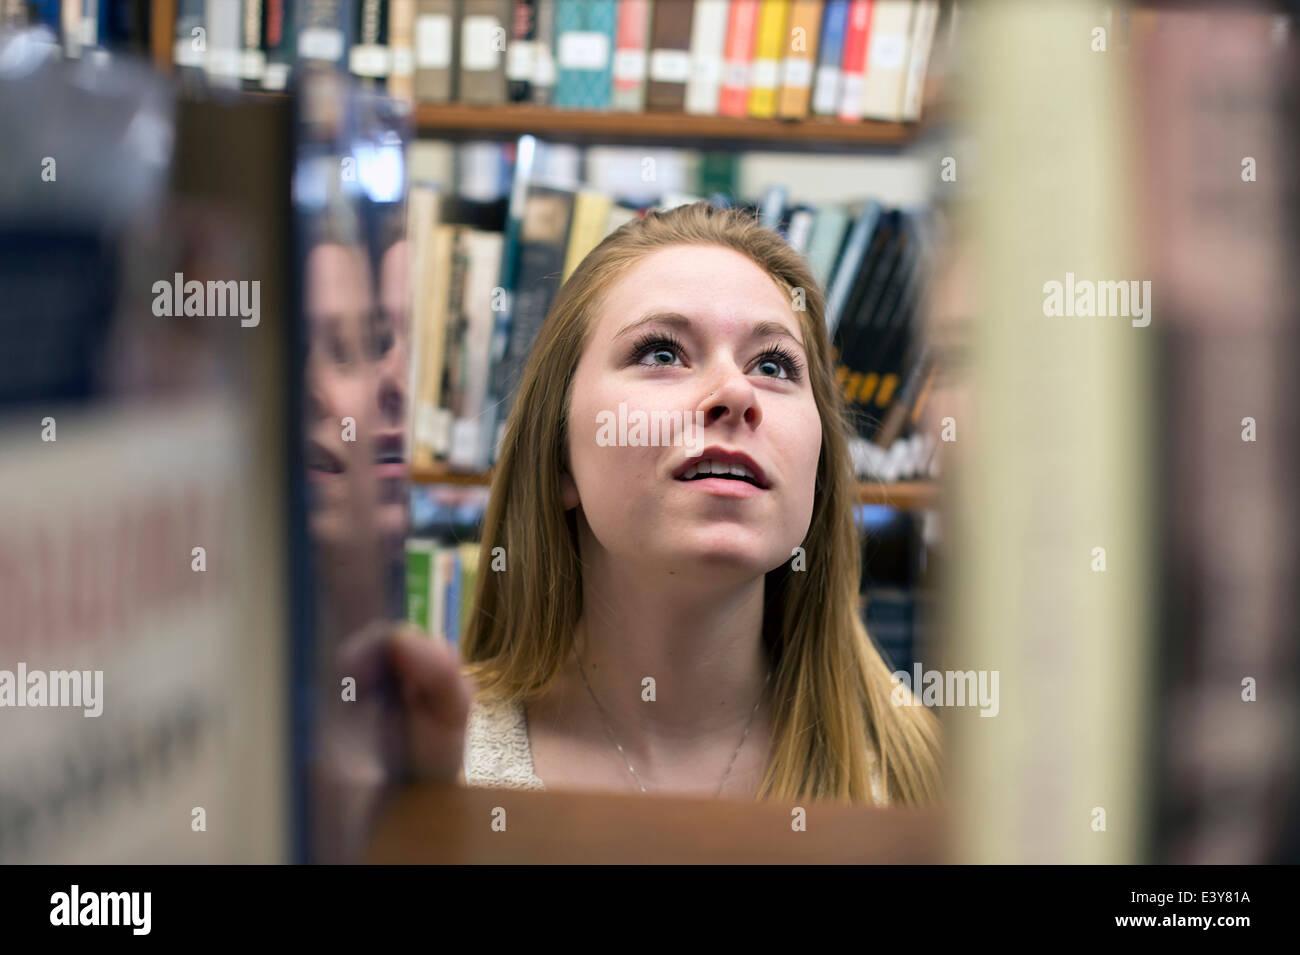 Mujer joven elegir libro en la biblioteca Imagen De Stock